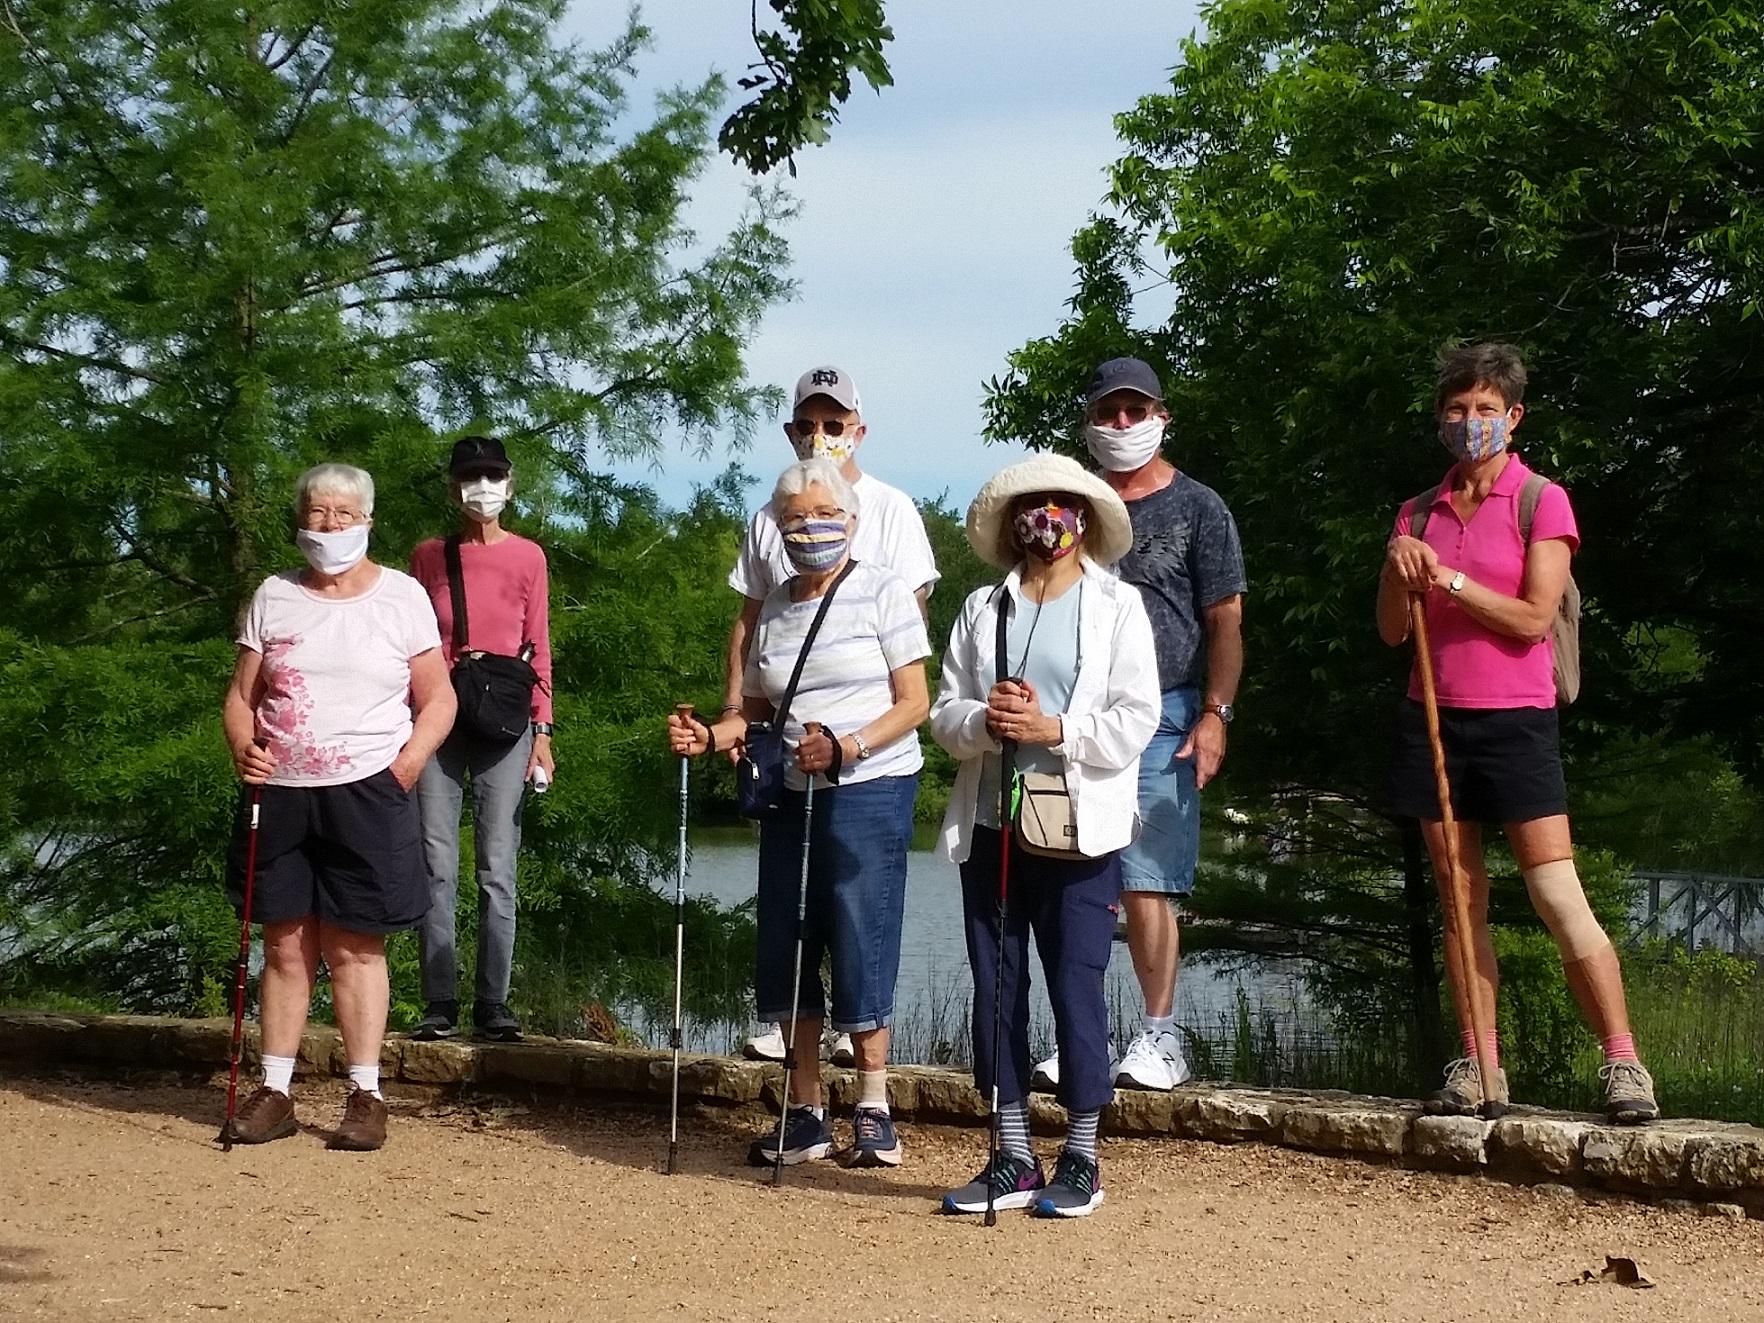 Katherine Fleischer Park Group Walk